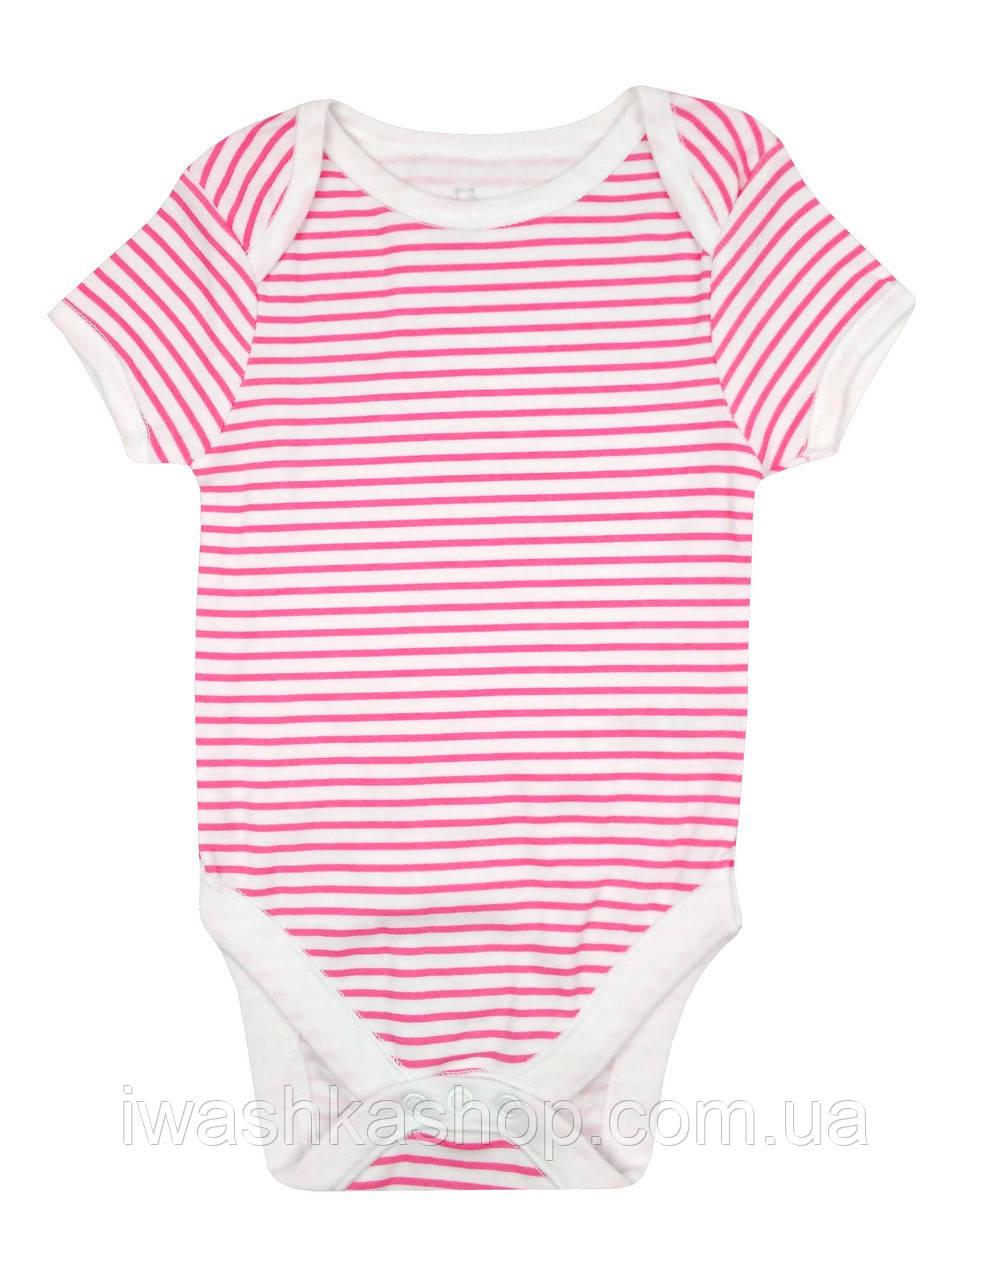 Полосатое боди с коротким рукавом для новорожденной девочки до 3.4 кг., Early days by Primark, Германия